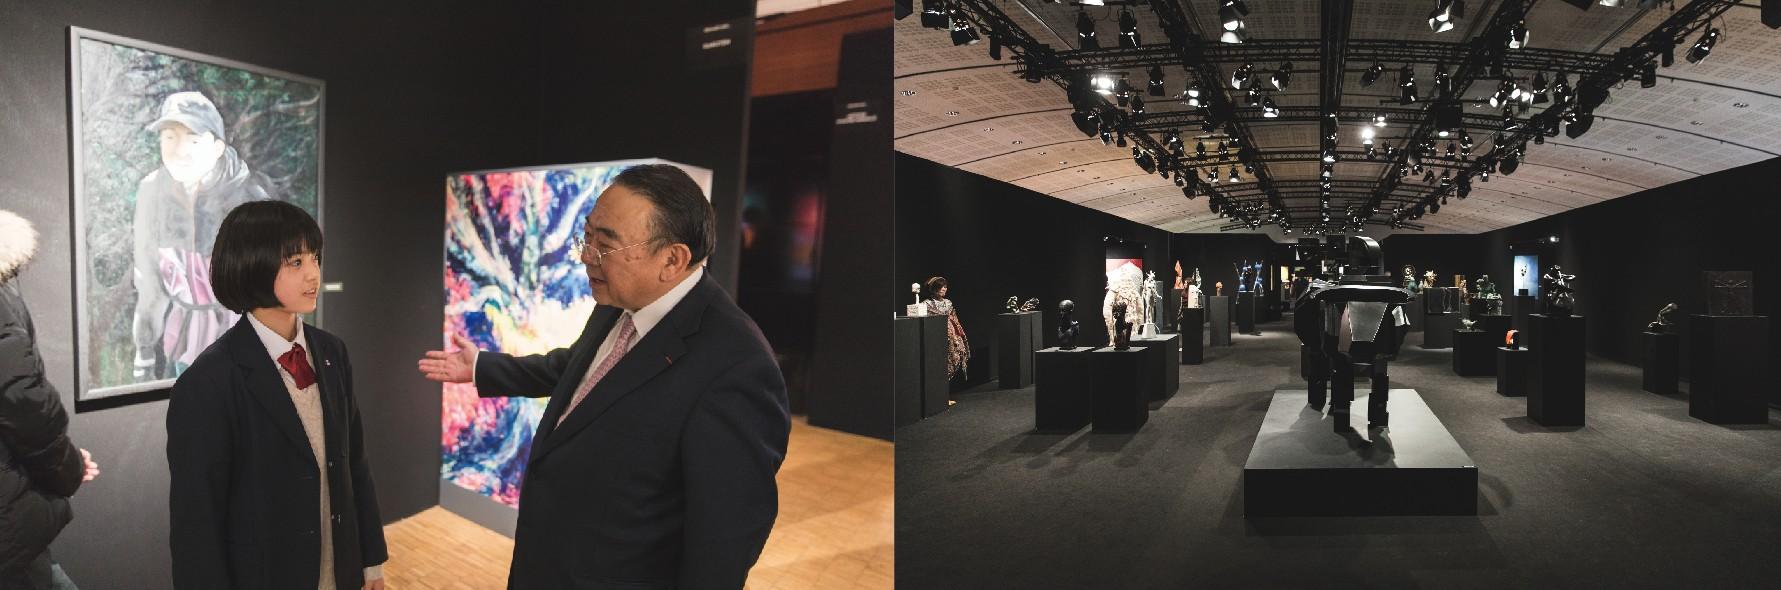 (左より)宍戸琴美、駐フランス特命全権大使 木寺昌人